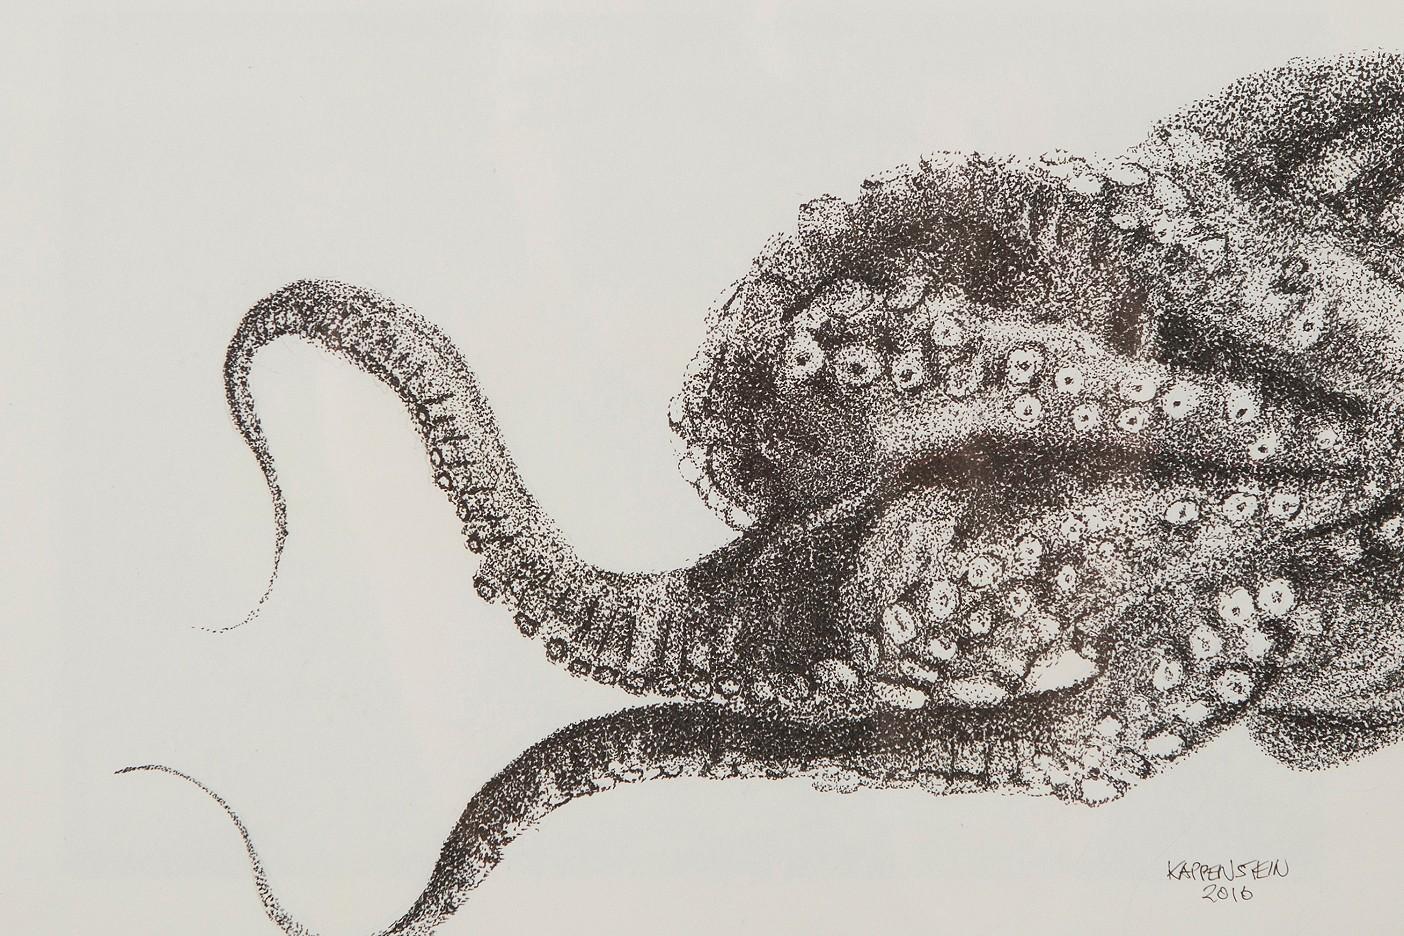 Oktupus